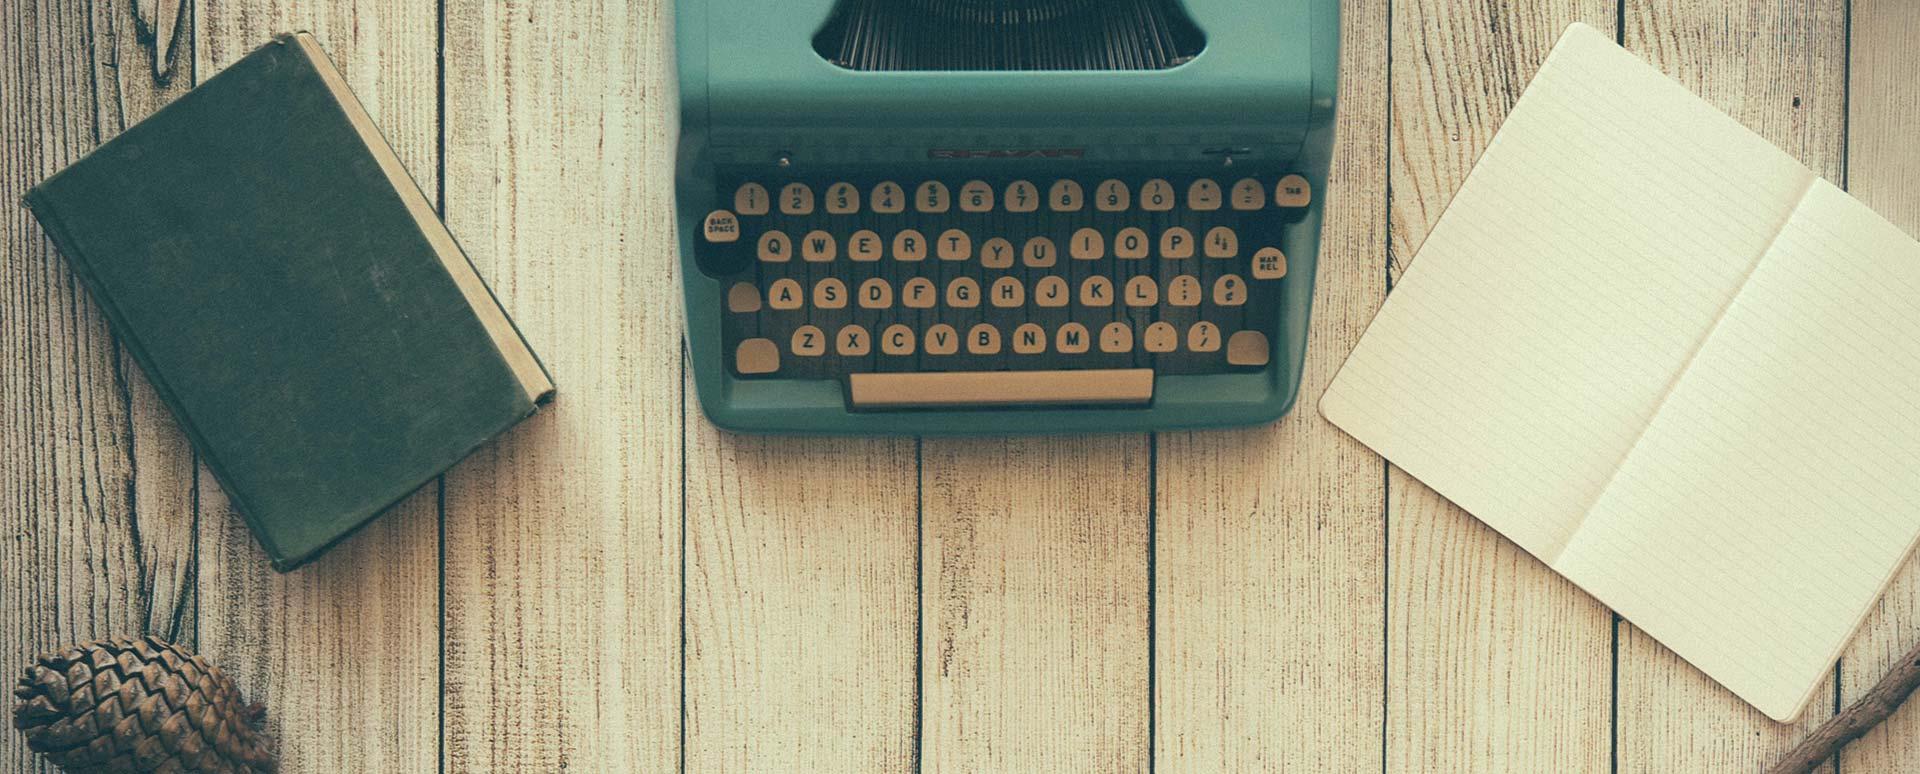 Maquina de escribir y escritorio